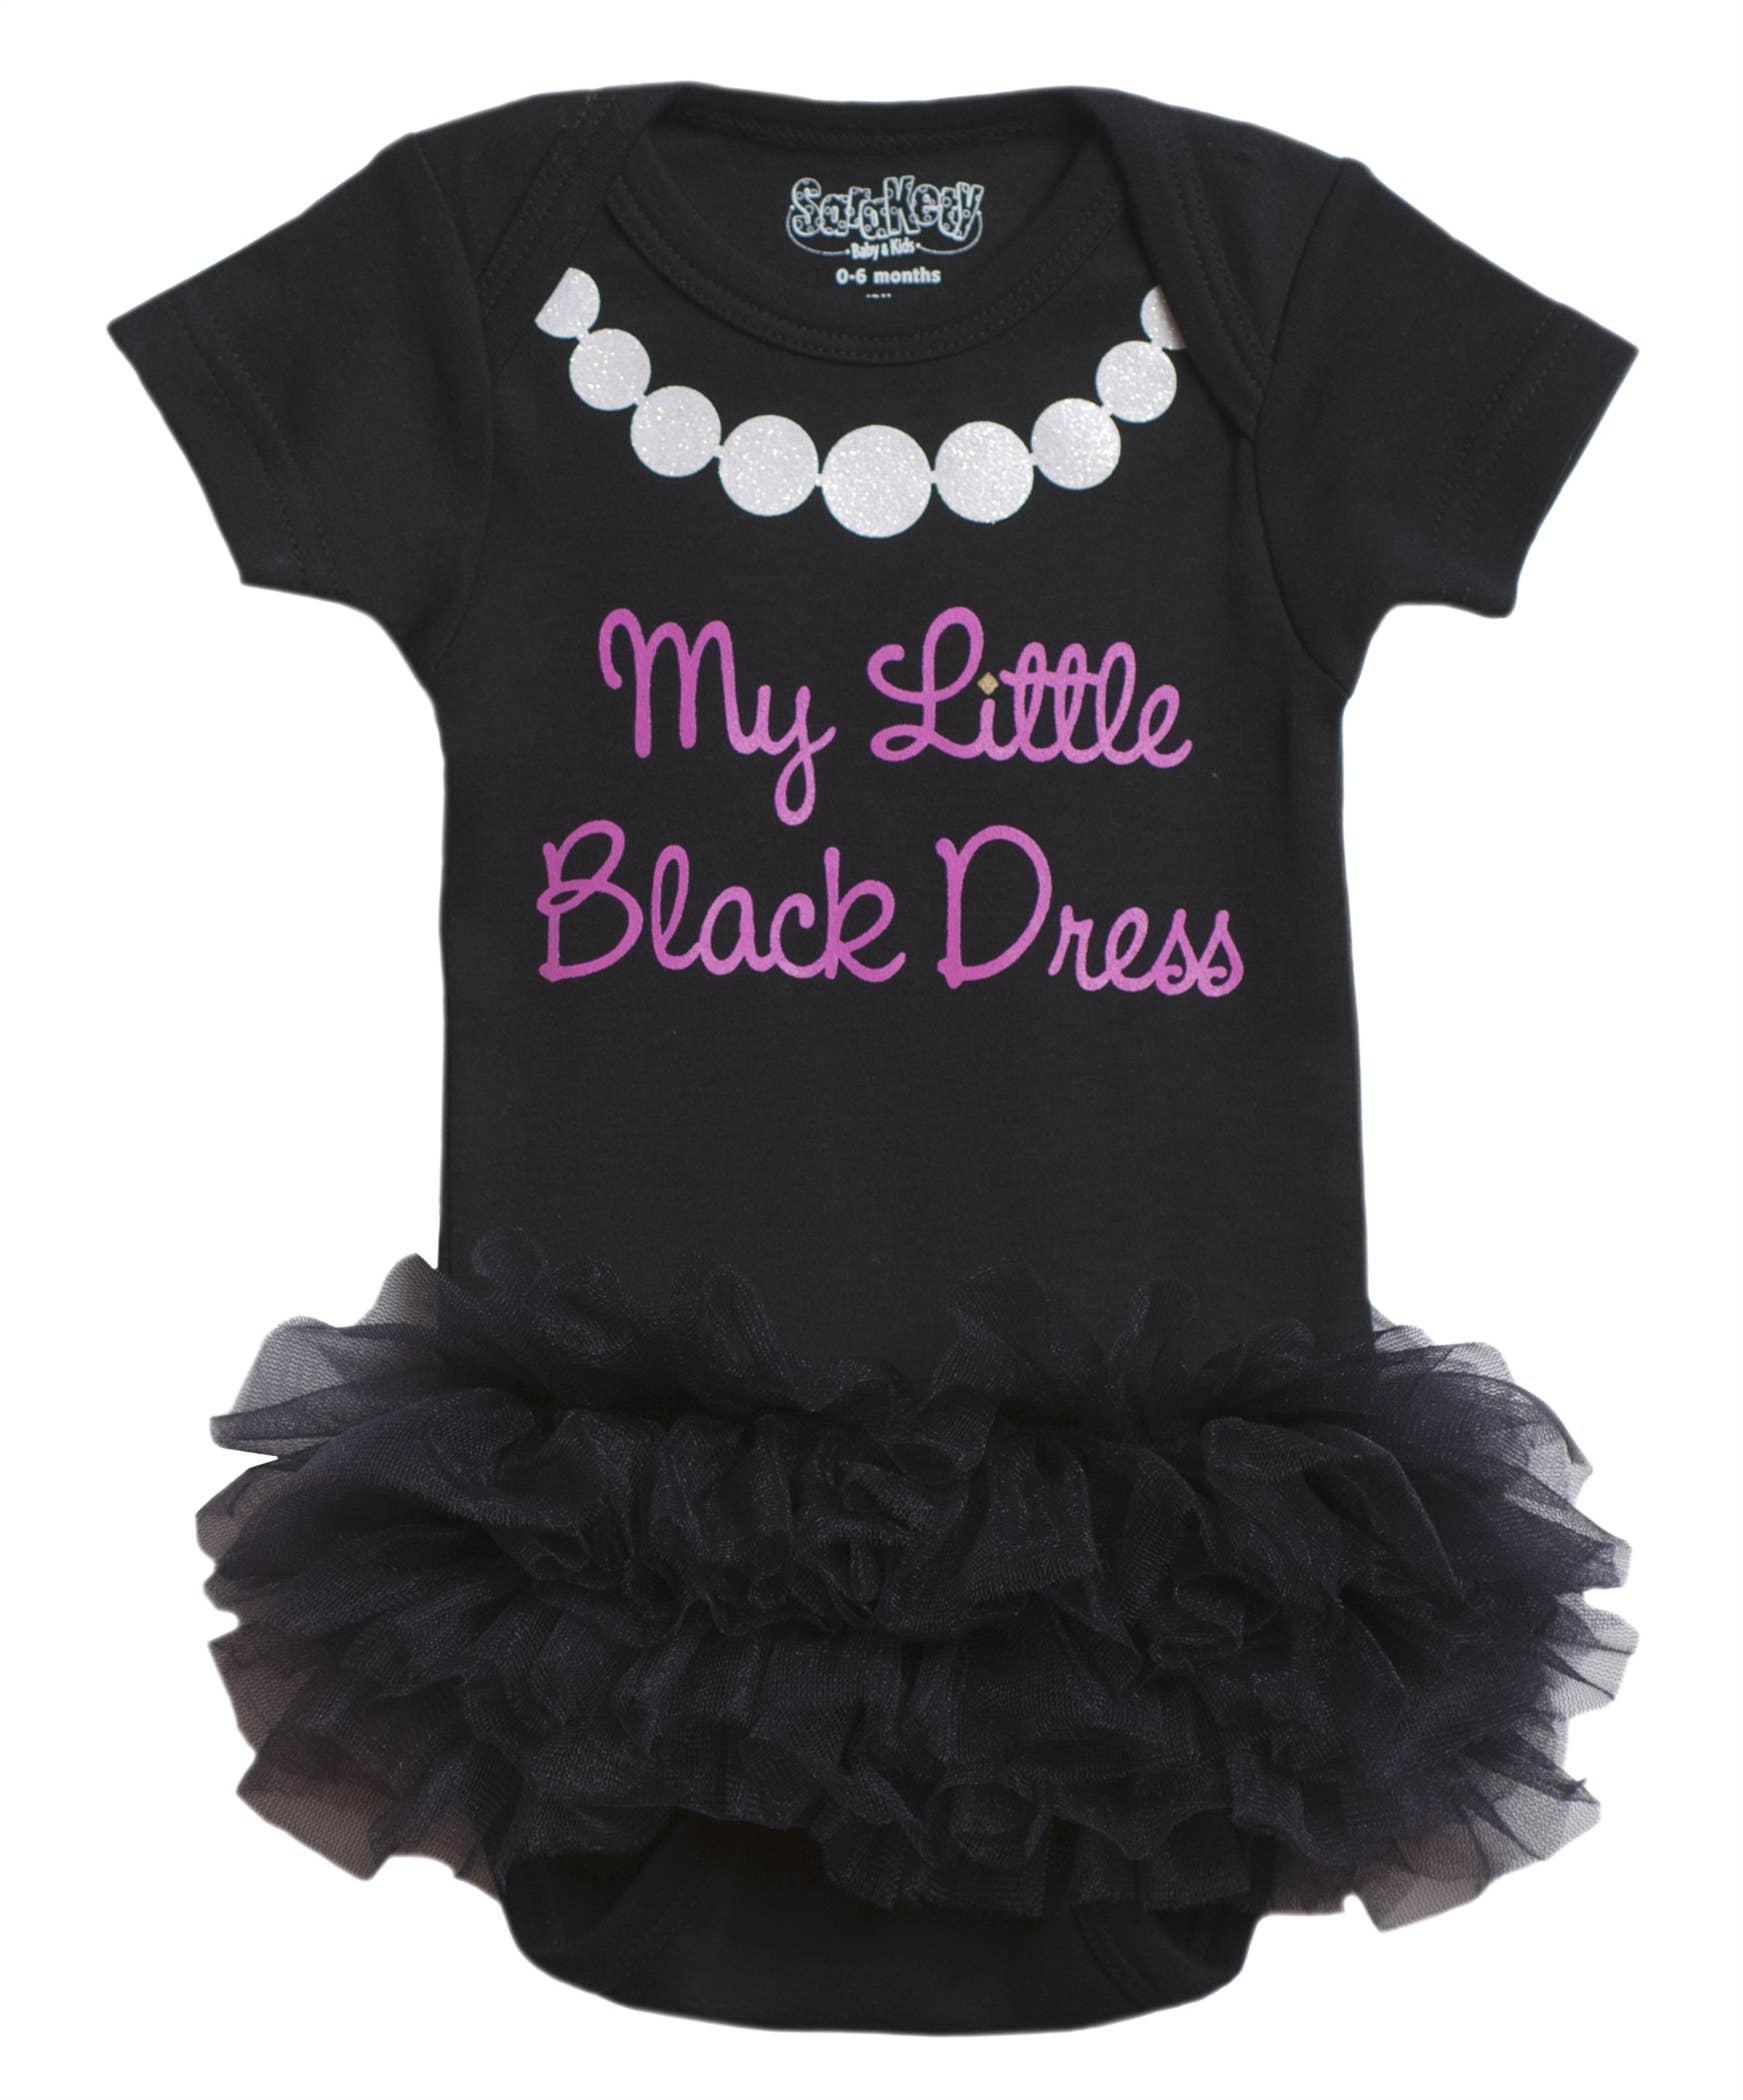 0-6 Months Black, Baby My Little Black Dress Onesie